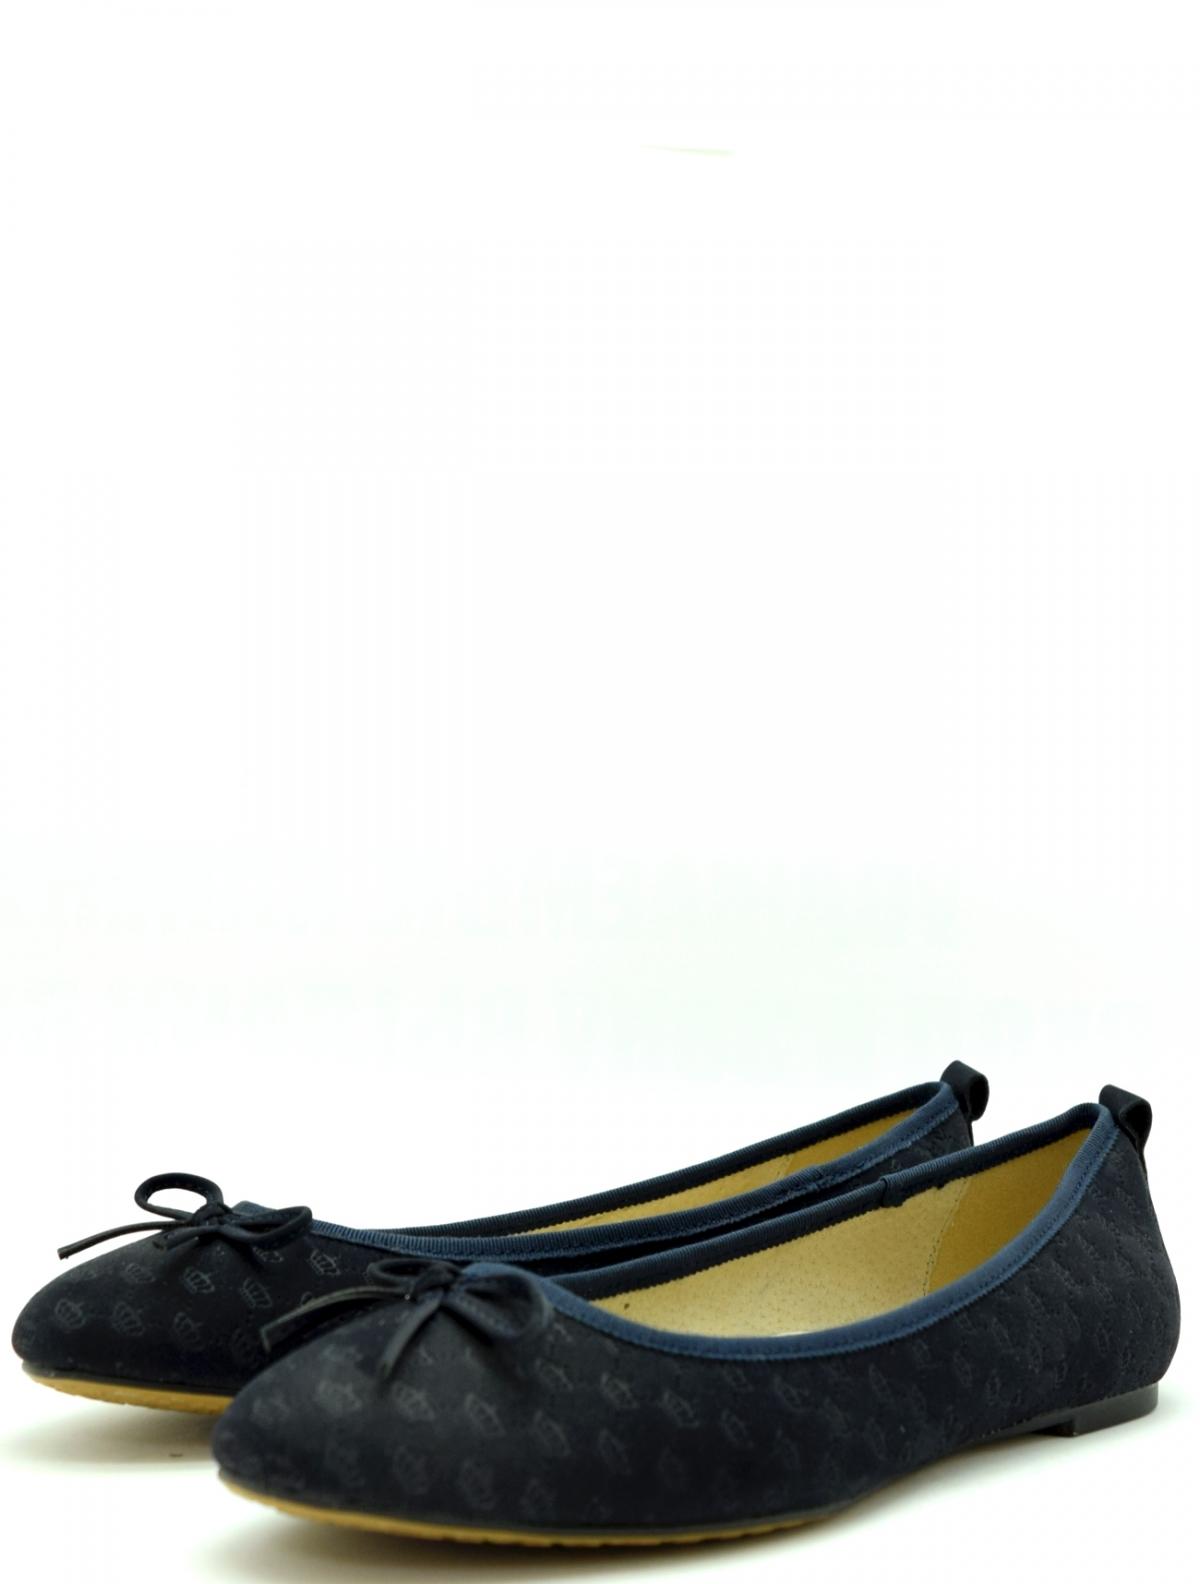 557293/01-08K балетки для девочки